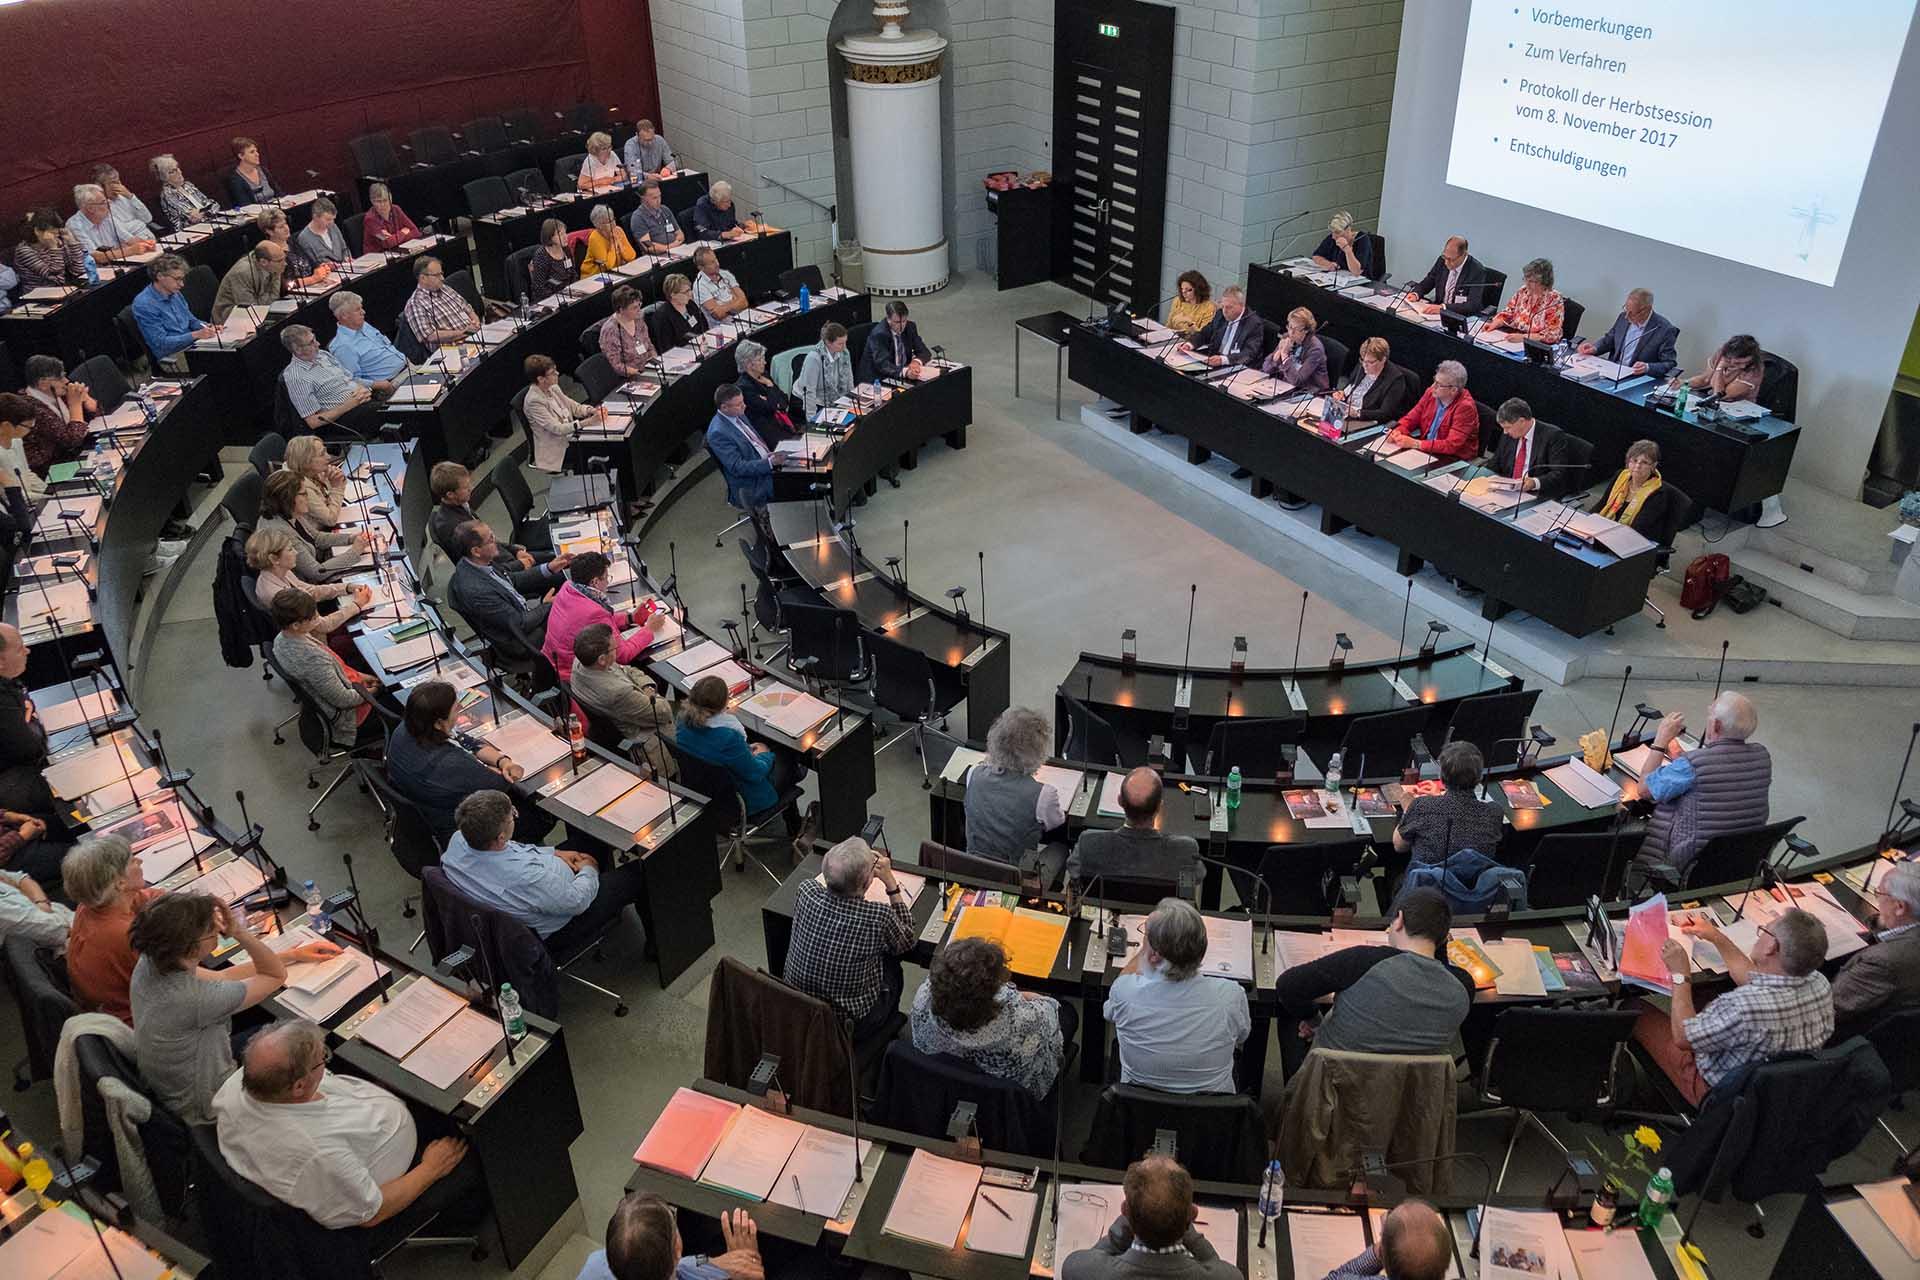 Die Synode, das Parlament der römisch-katholischen Landeskirche, tagt im Kantonsratssaal in Luzern. | © 2018 Gregor Gander